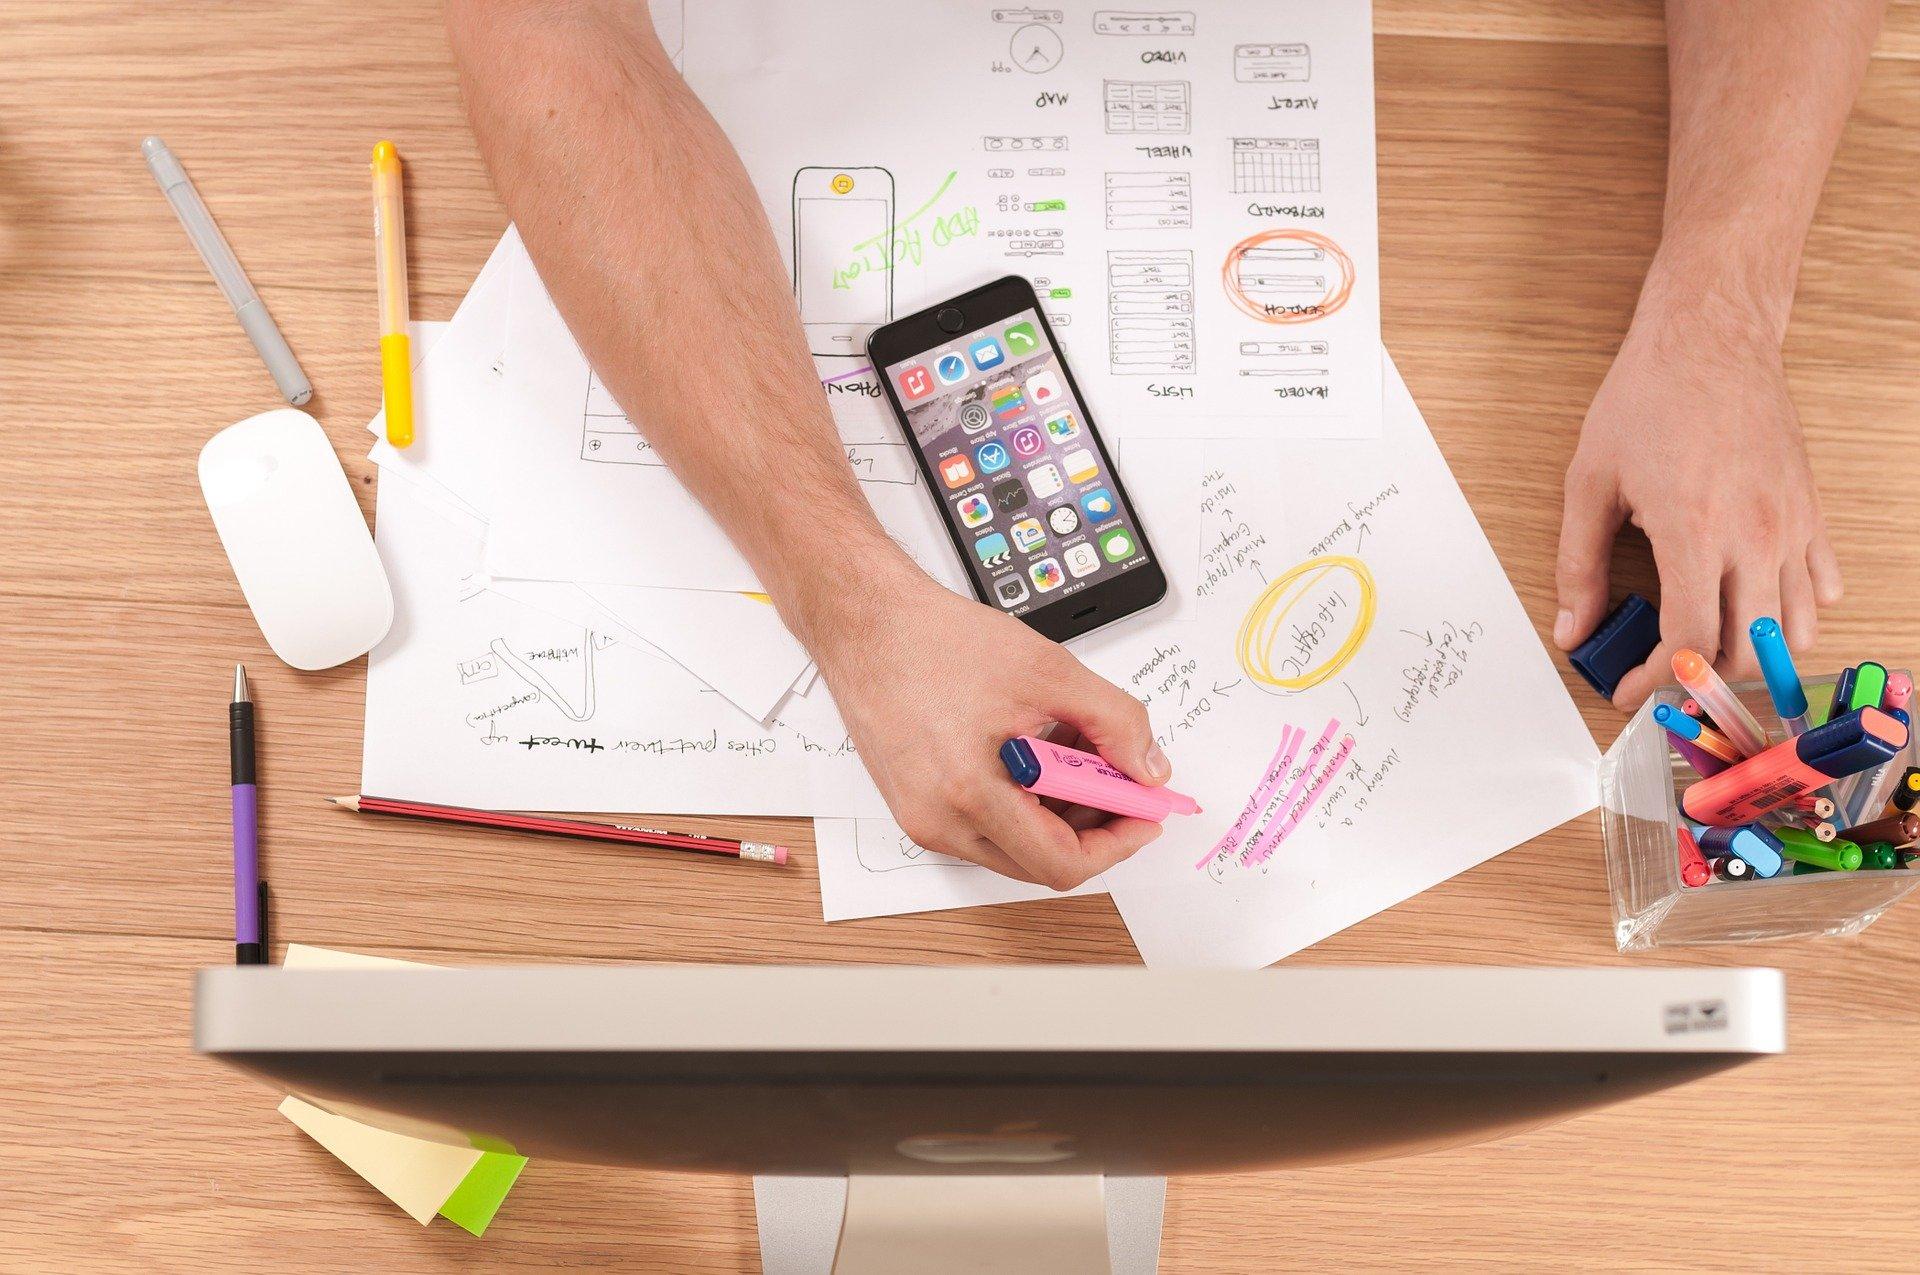 What are Design Methods?